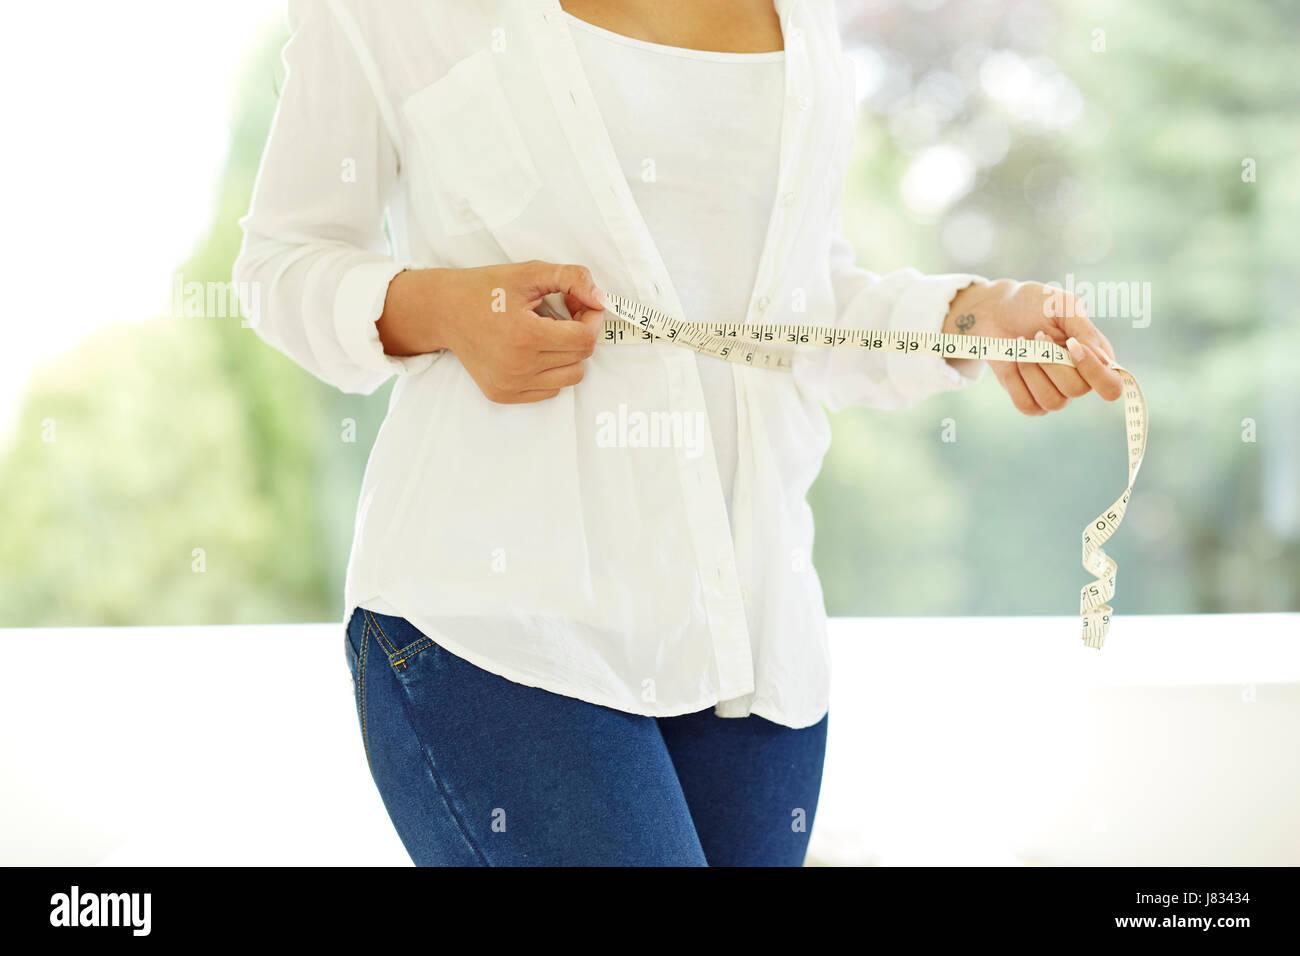 Woman ruban à mesurer autour de sa taille Photo Stock